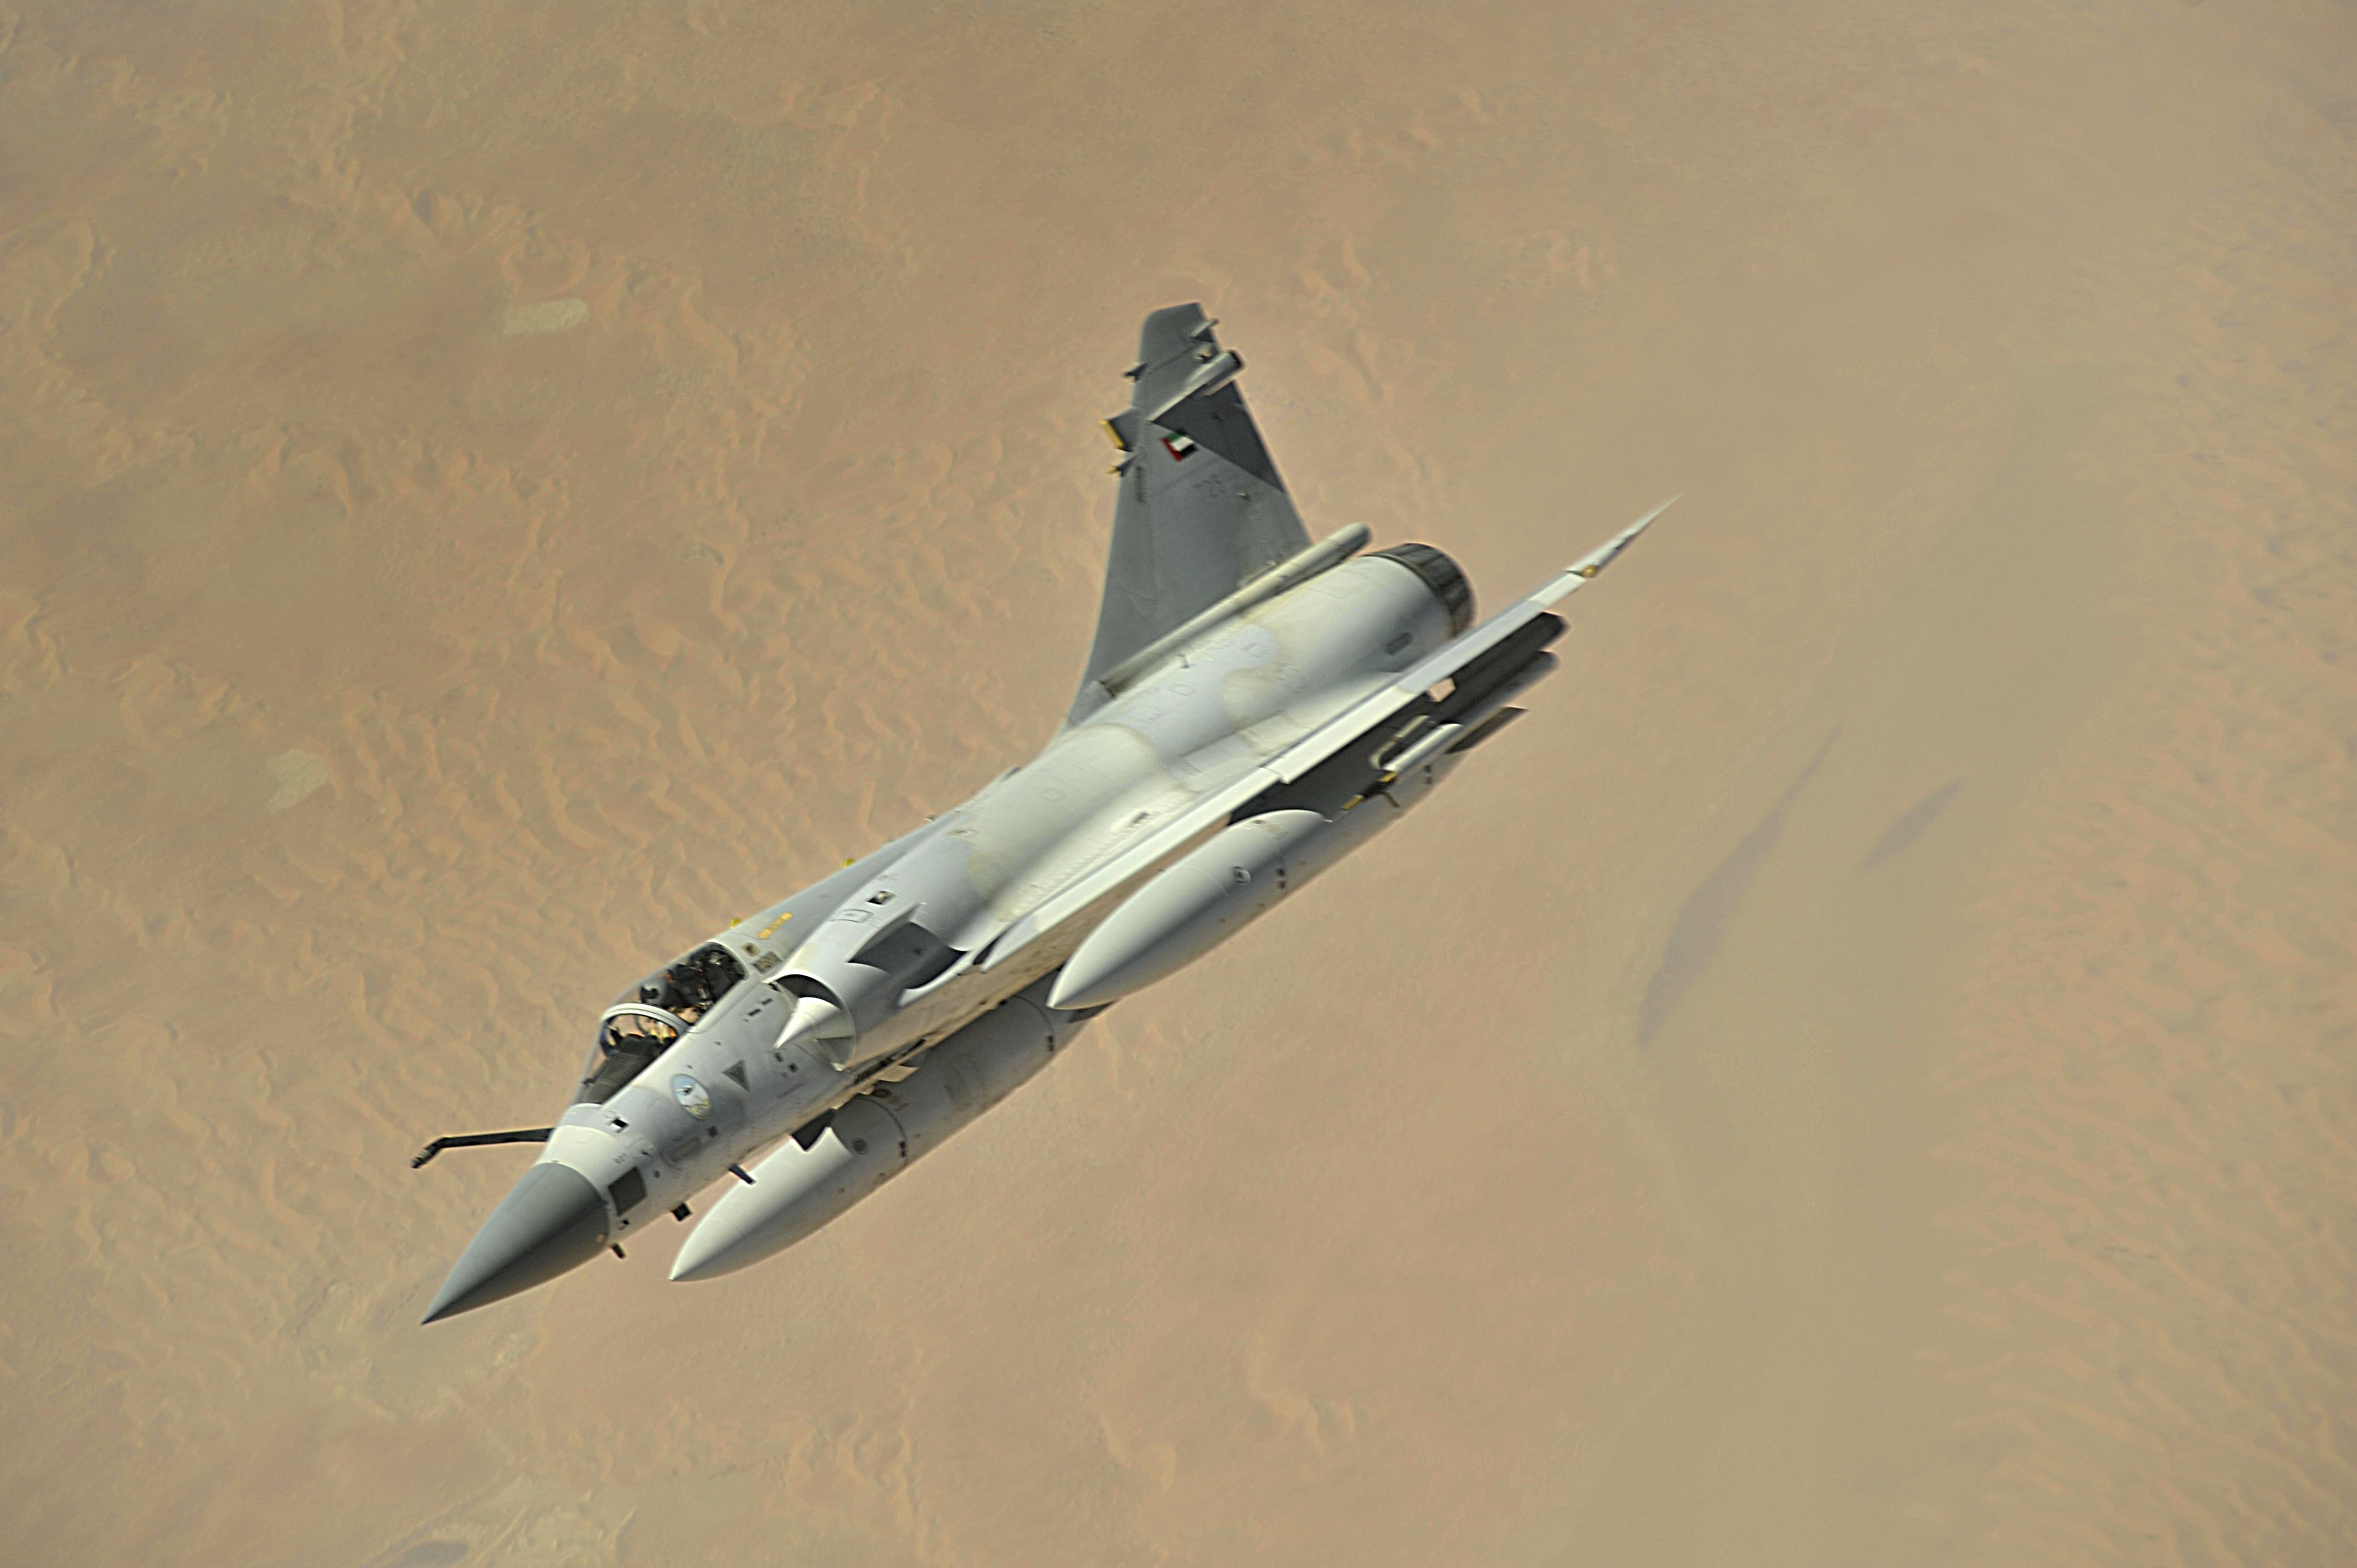 مصر تتعاقد على الميغ 35  الروسية  - صفحة 2 UAE_Mirage_2000